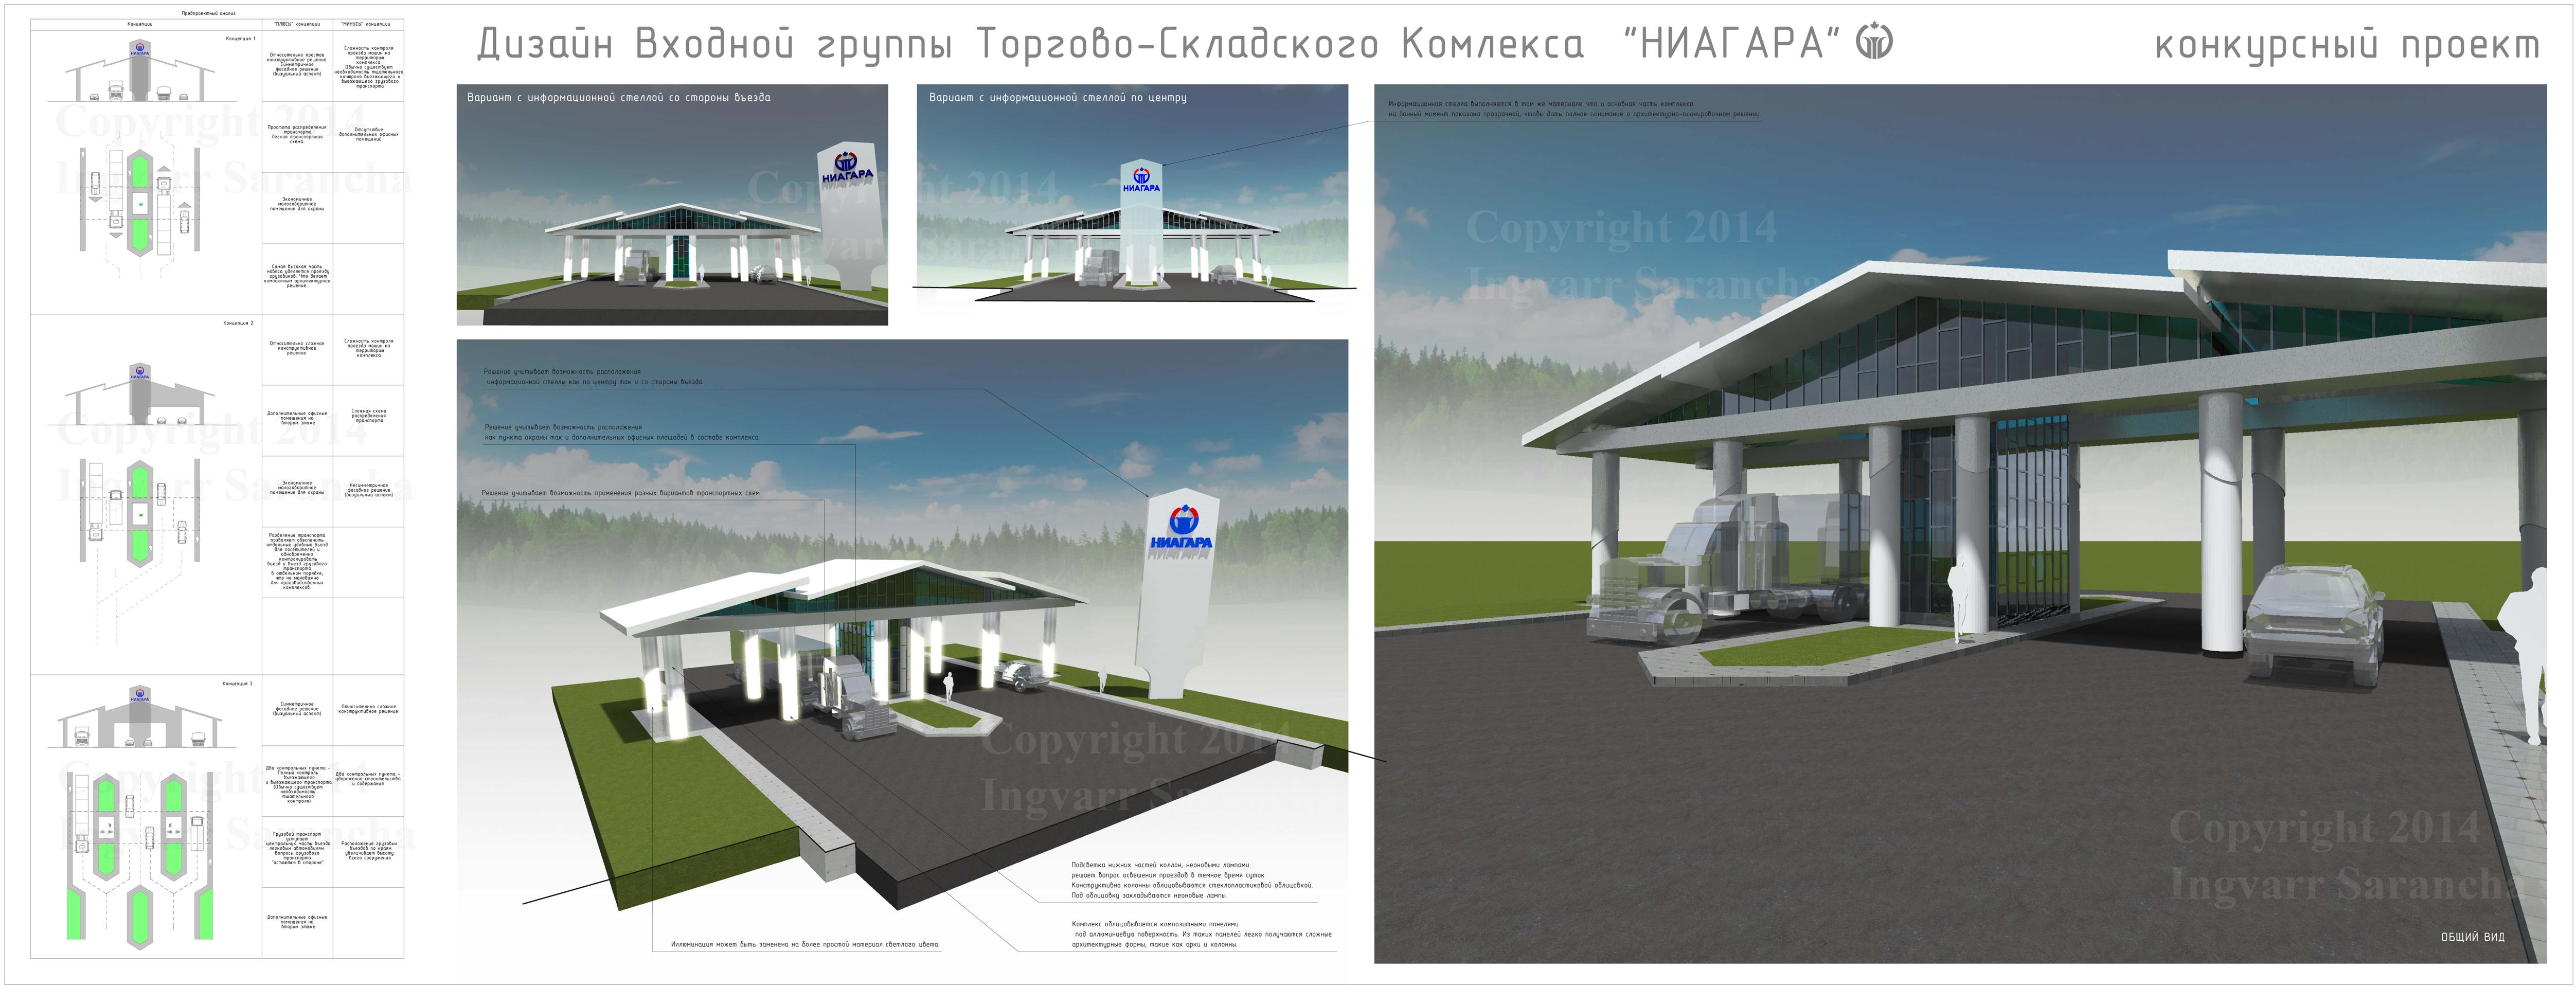 Дизайн Входной группы Торгово Складского Комлекса фото f_95552e393fad6dfe.jpg